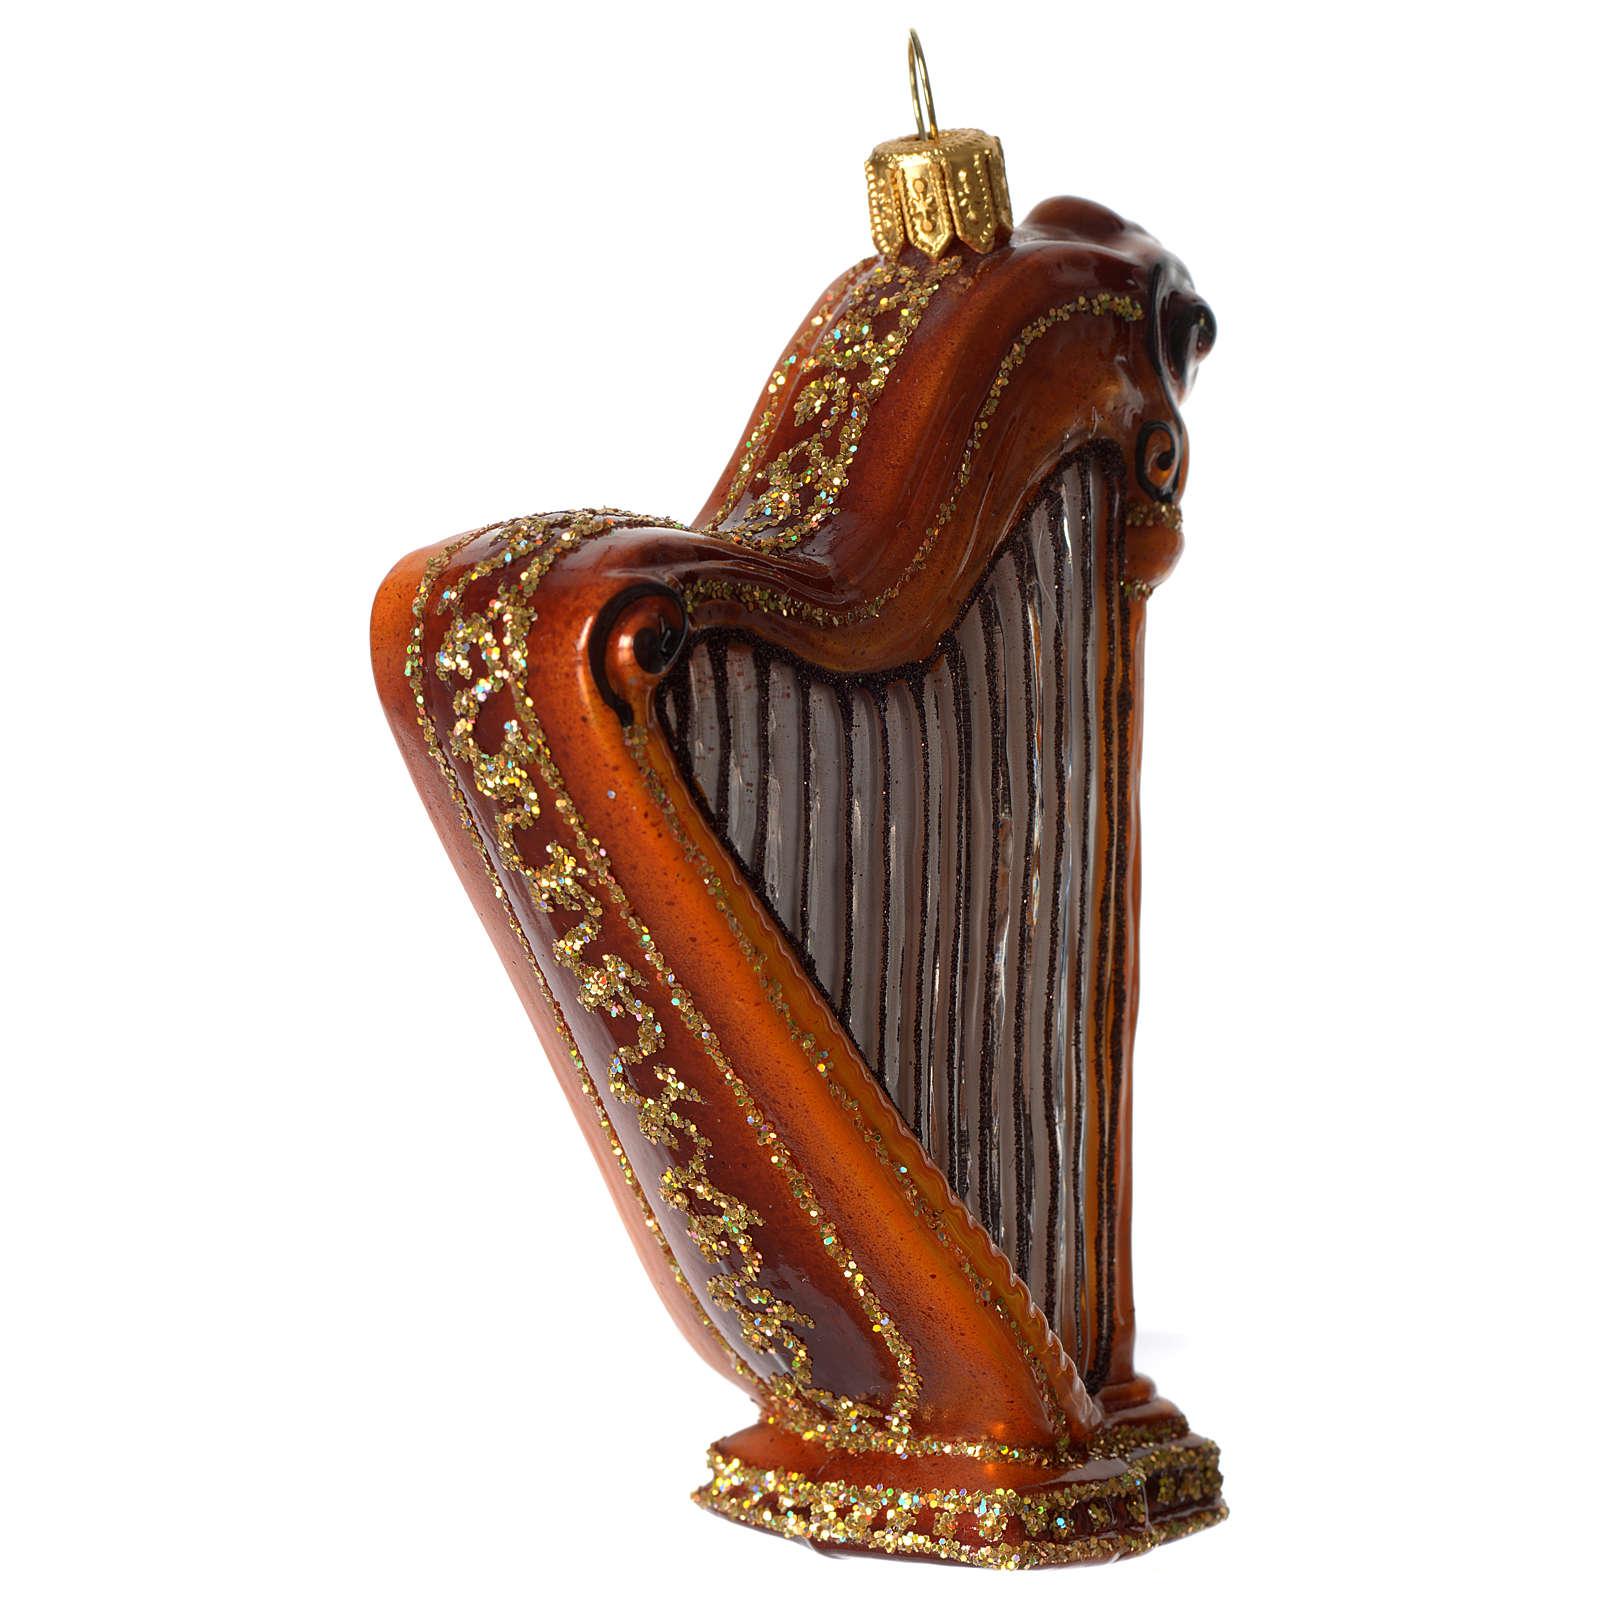 Harpe décoration verre soufflé Sapin Noël 4